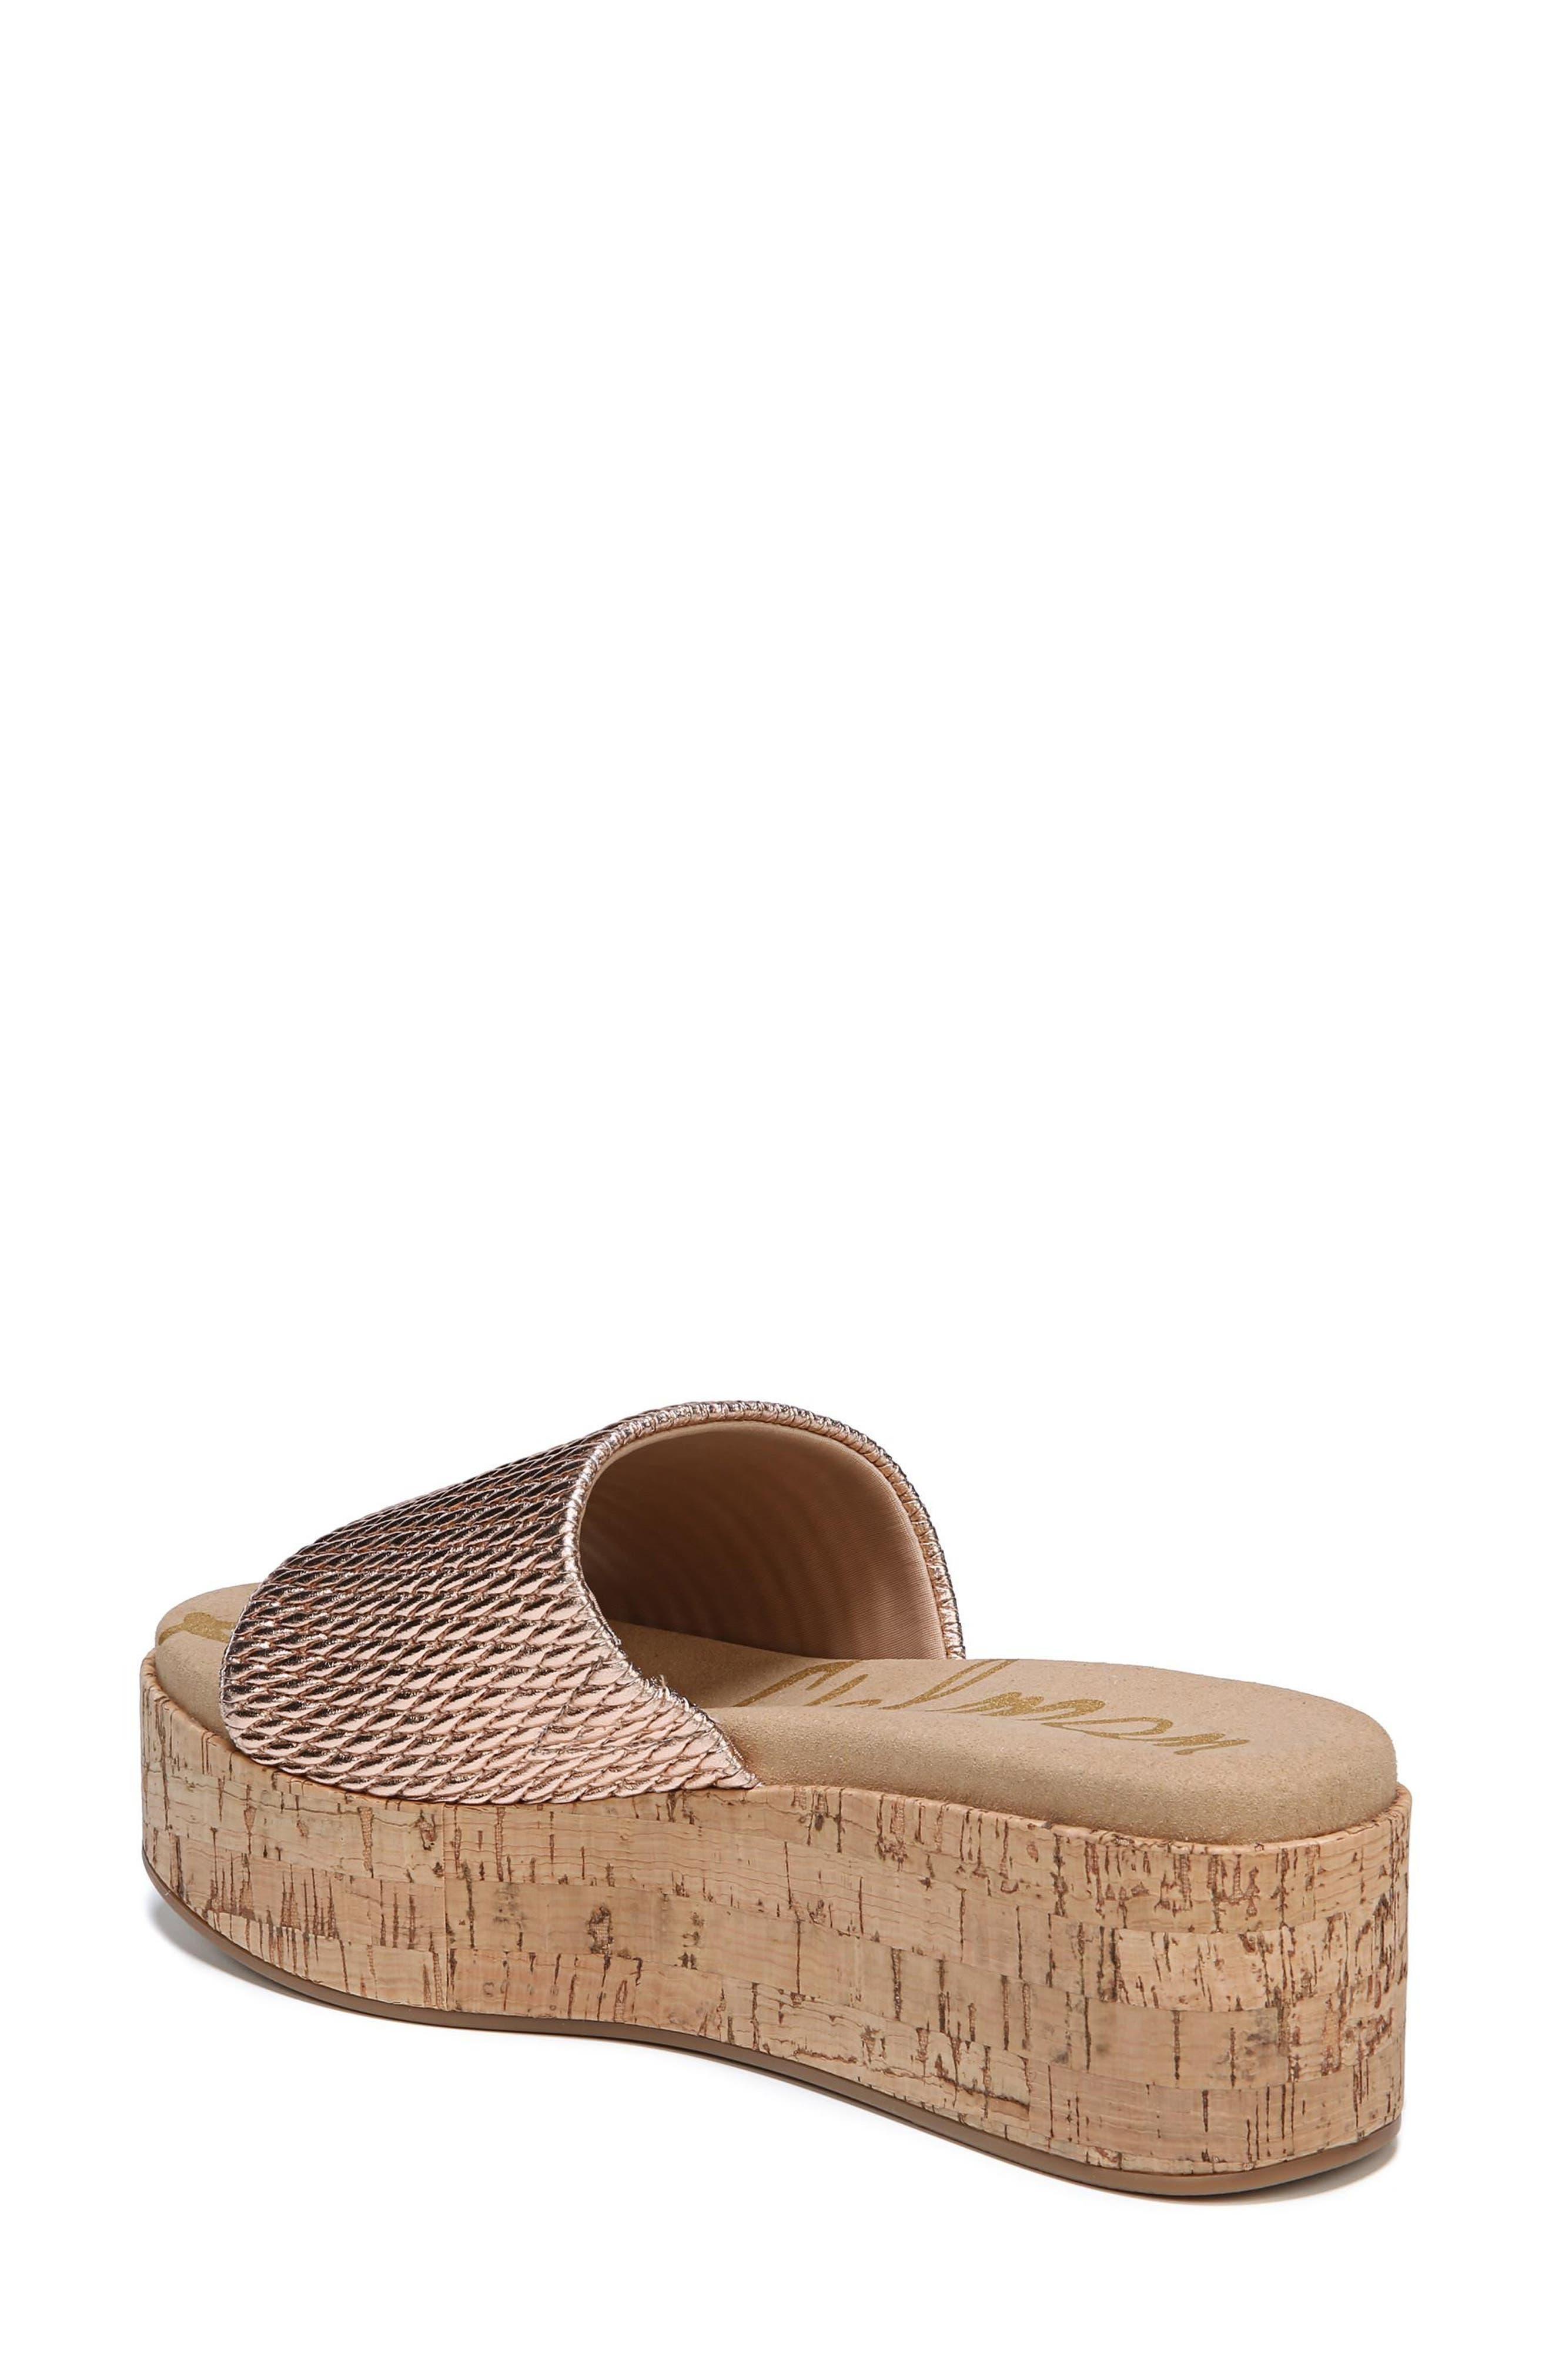 Wendi Platform Slide Sandal,                             Alternate thumbnail 2, color,                             Blush Gold Metallic Fabric